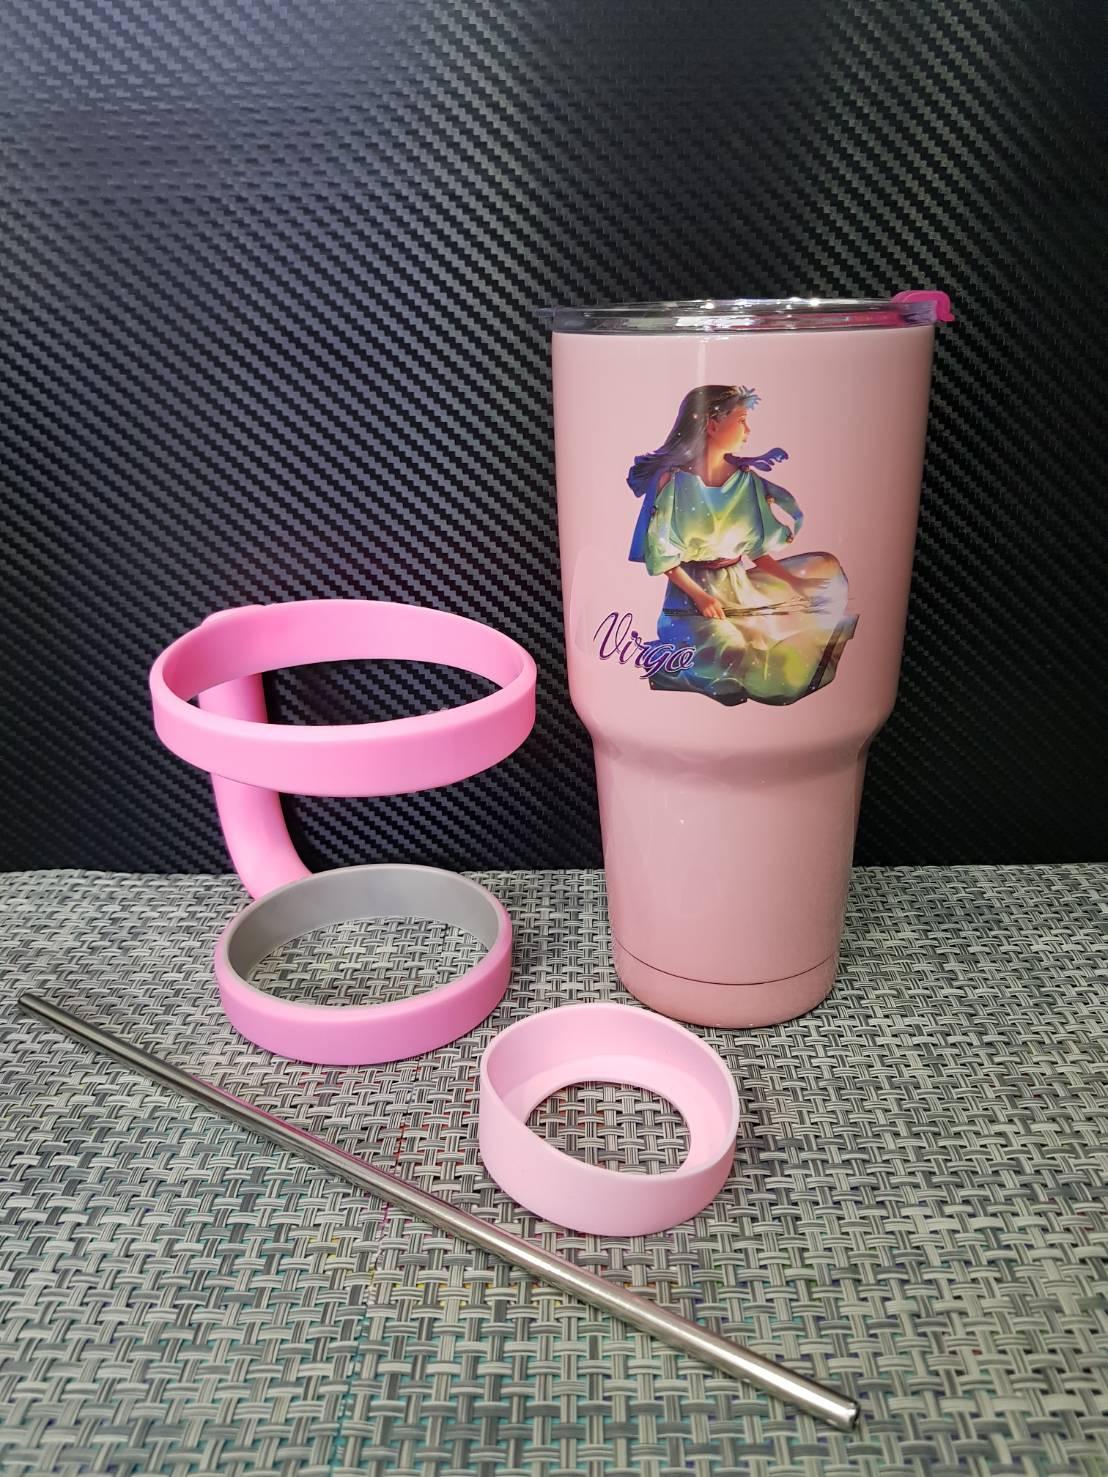 ชุดแก้วเยติ 30 ออนซ์ พื้นสีชมพู ราศีกันย์